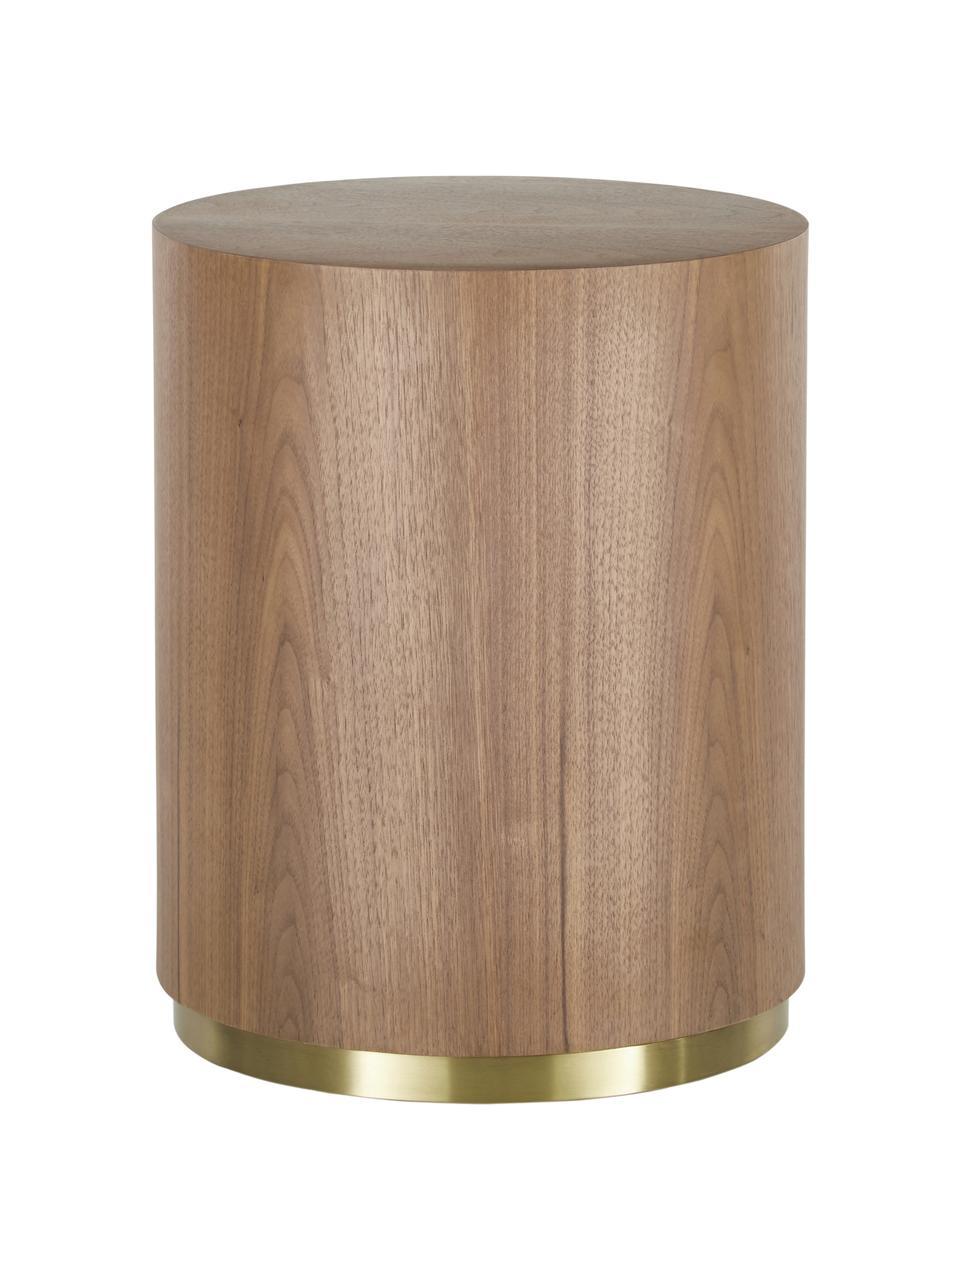 Table d'appoint en bois Clarice, Corps: placage en bois de noyer Pied: couleur dorée, brillant brossé